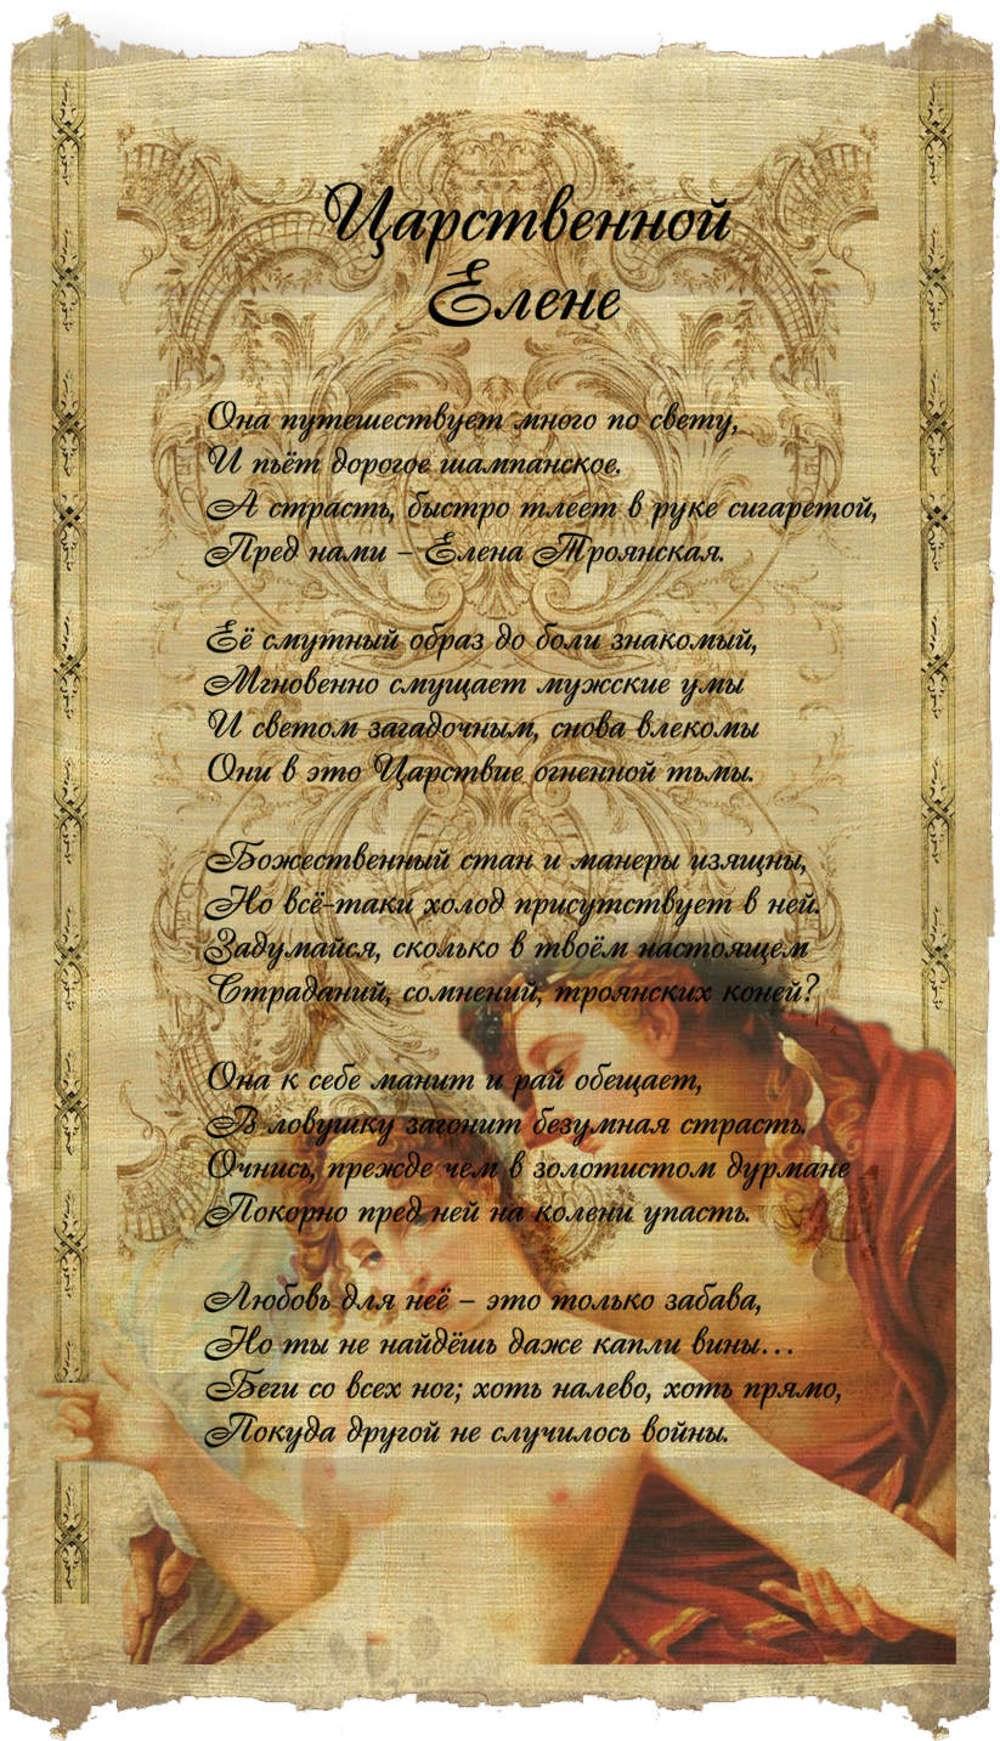 Надписи, свиток для поздравления с юбилеем